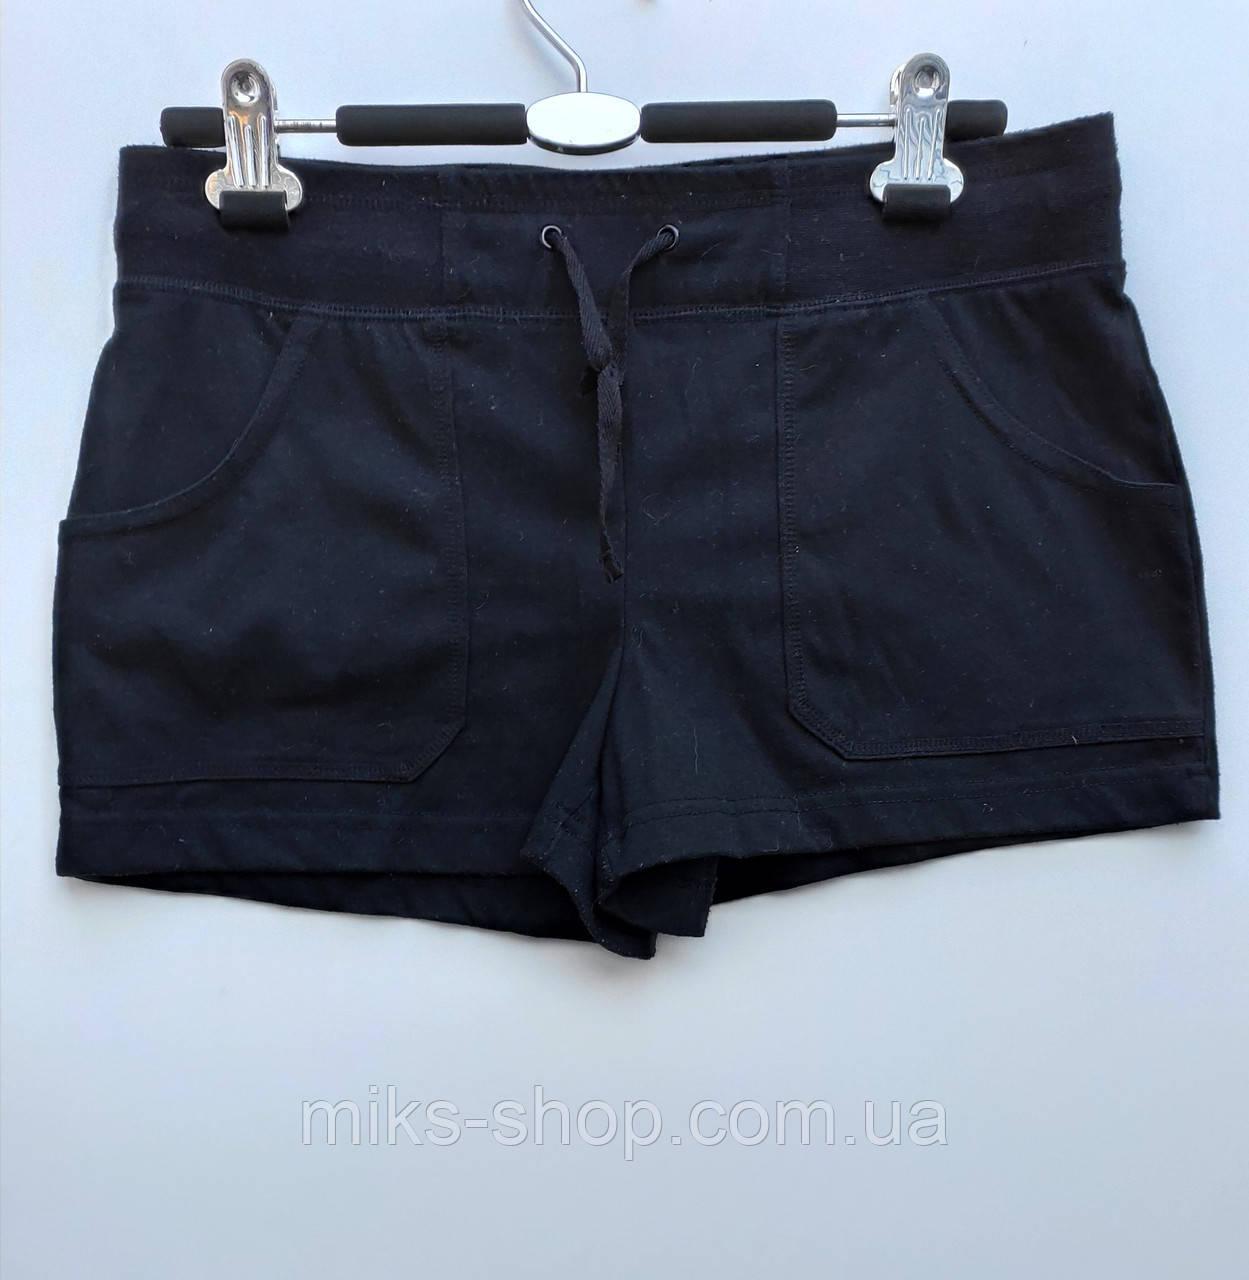 Короткі шорти Розмір наш 48 ( Л-95)